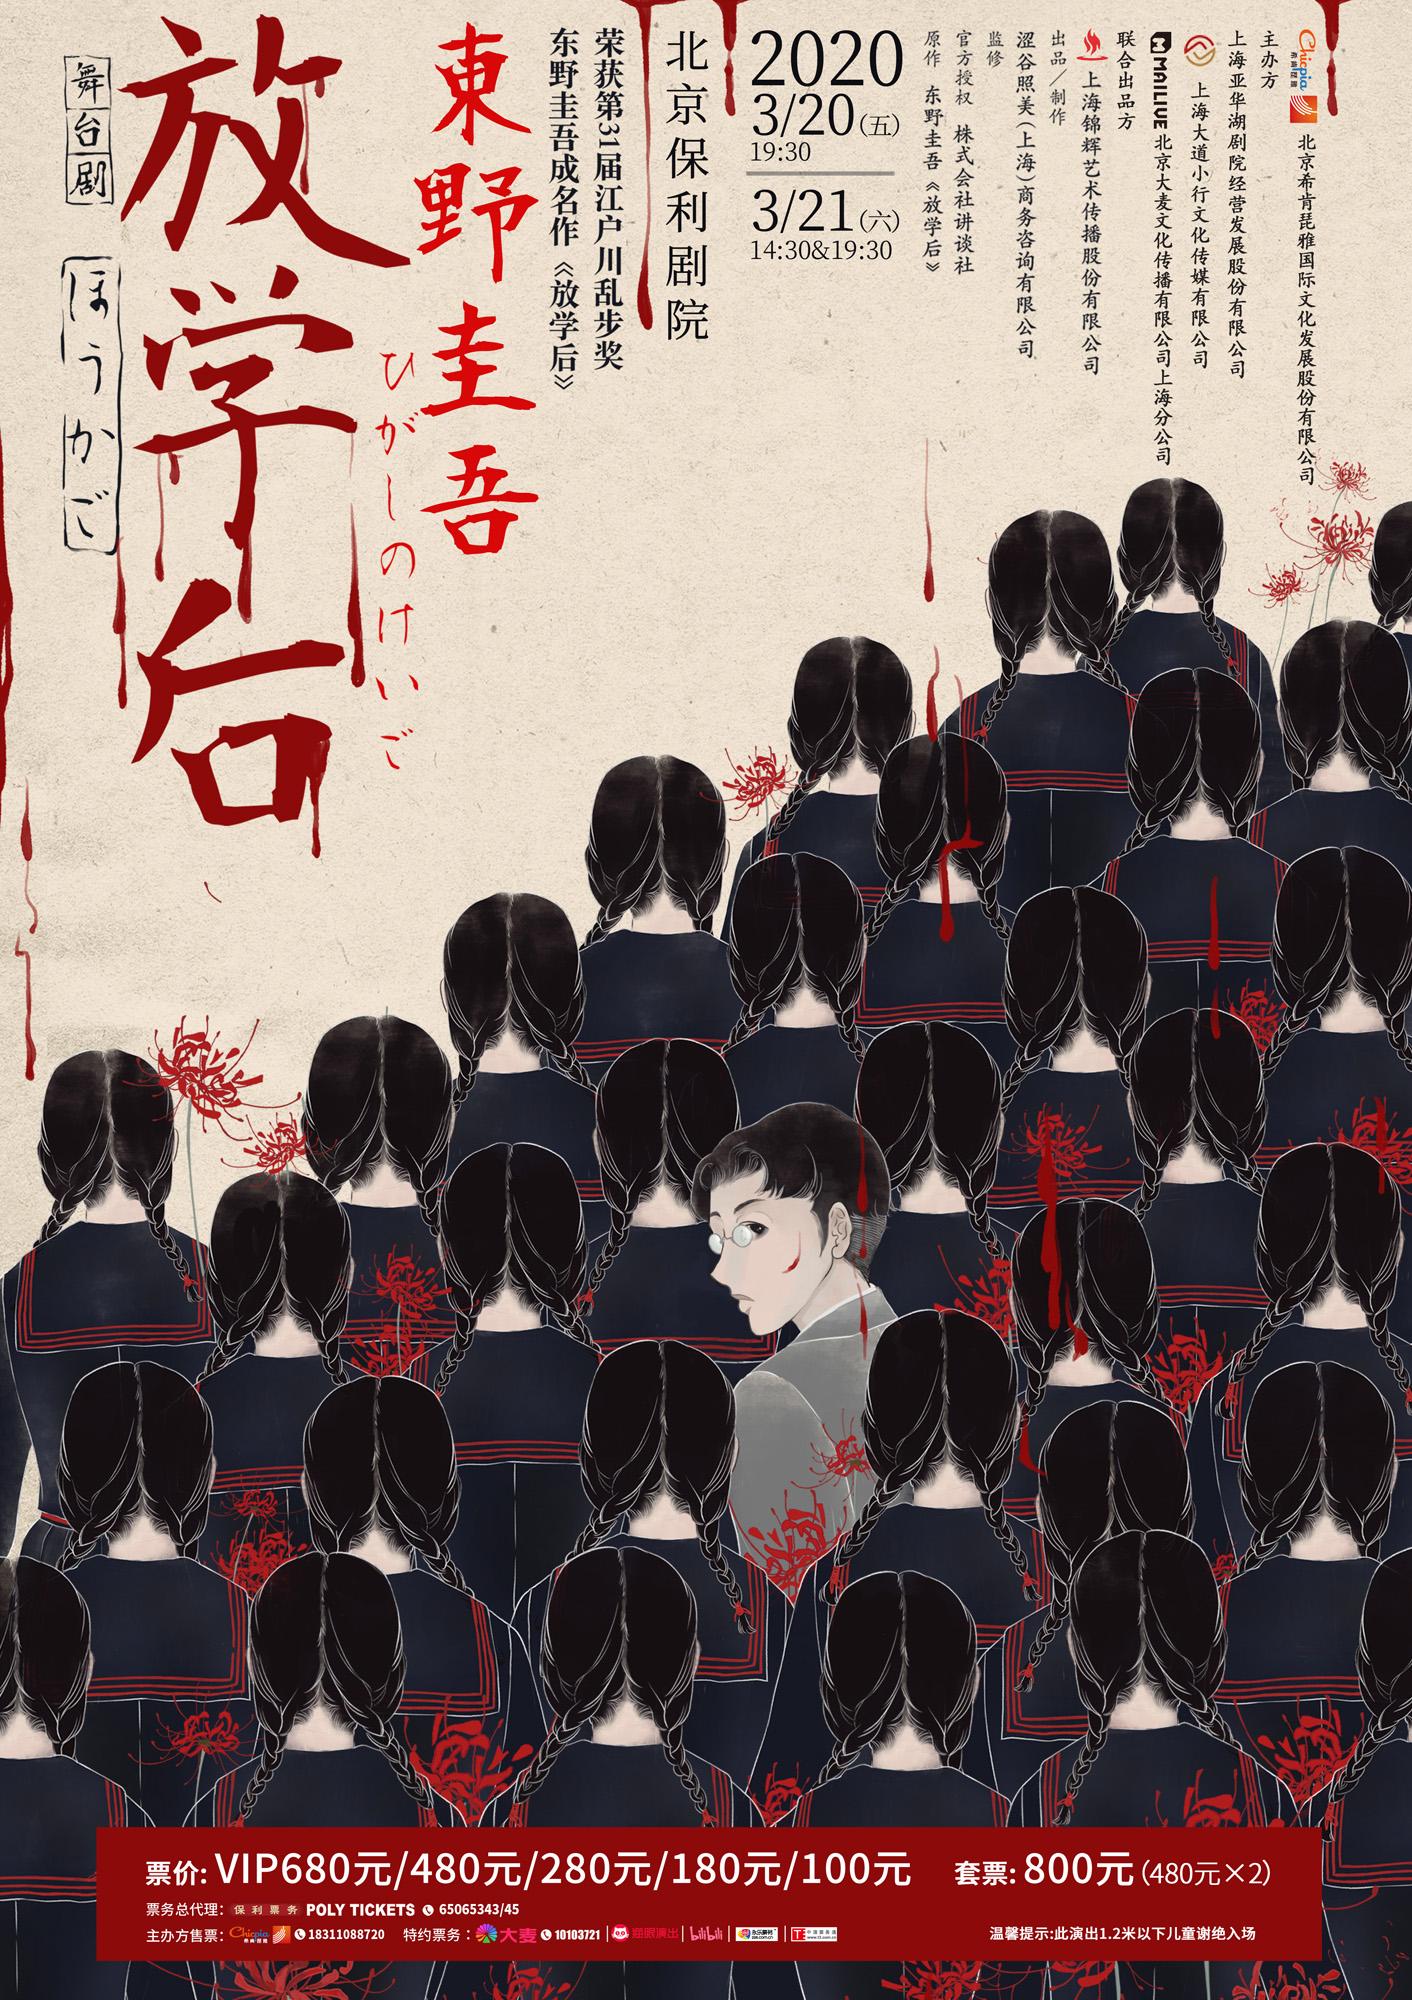 《放学后》海报60×85-wu副本-1.jpg